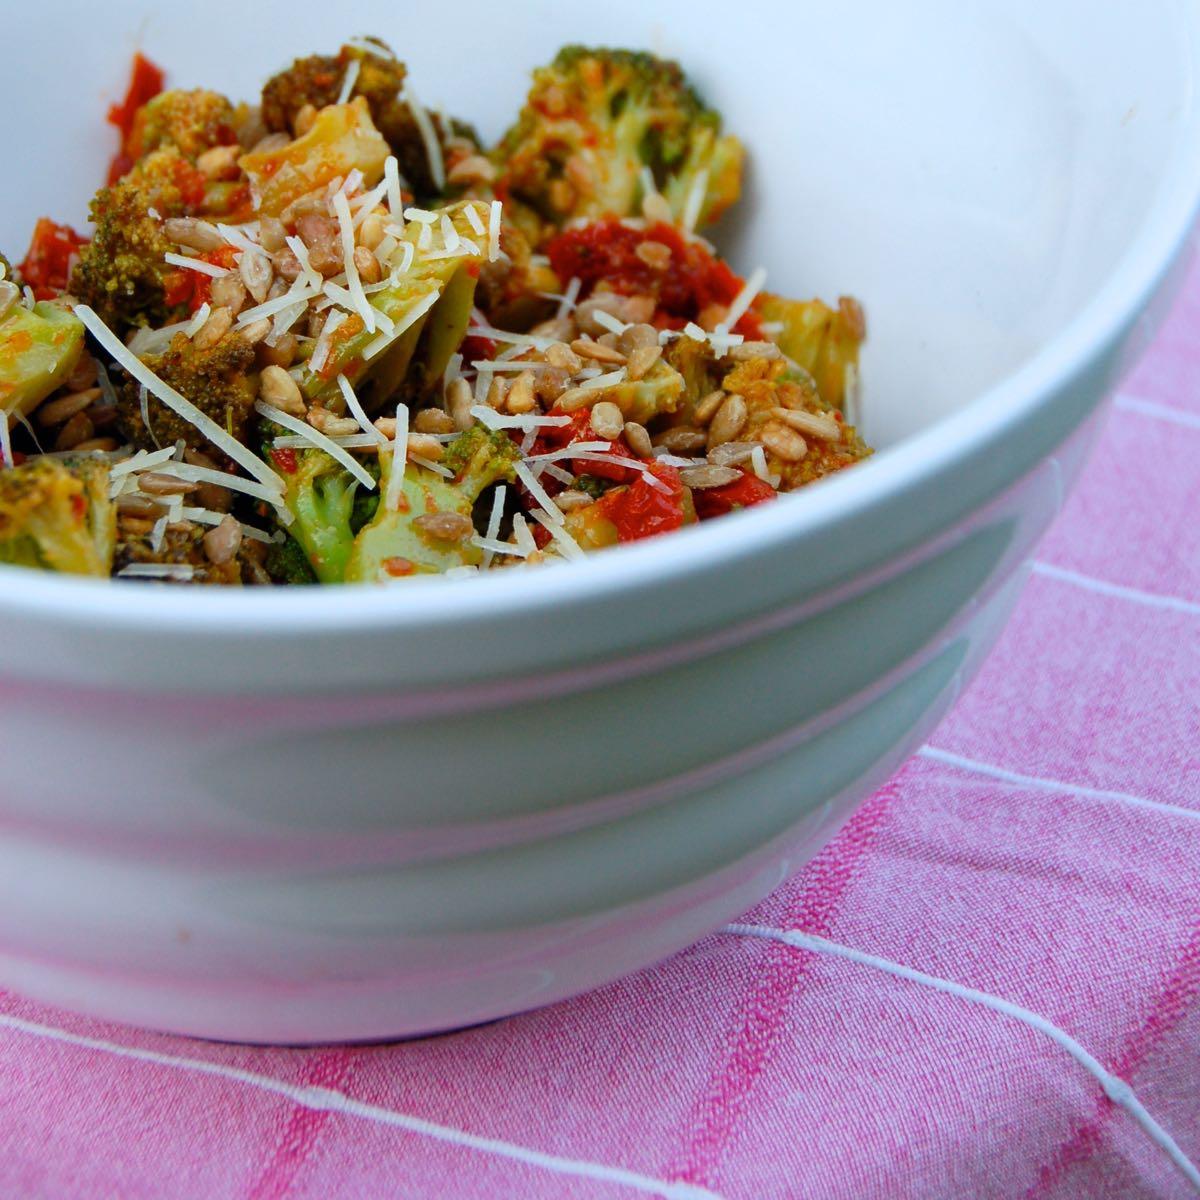 potluck fav: let's dish italian broccoli salad